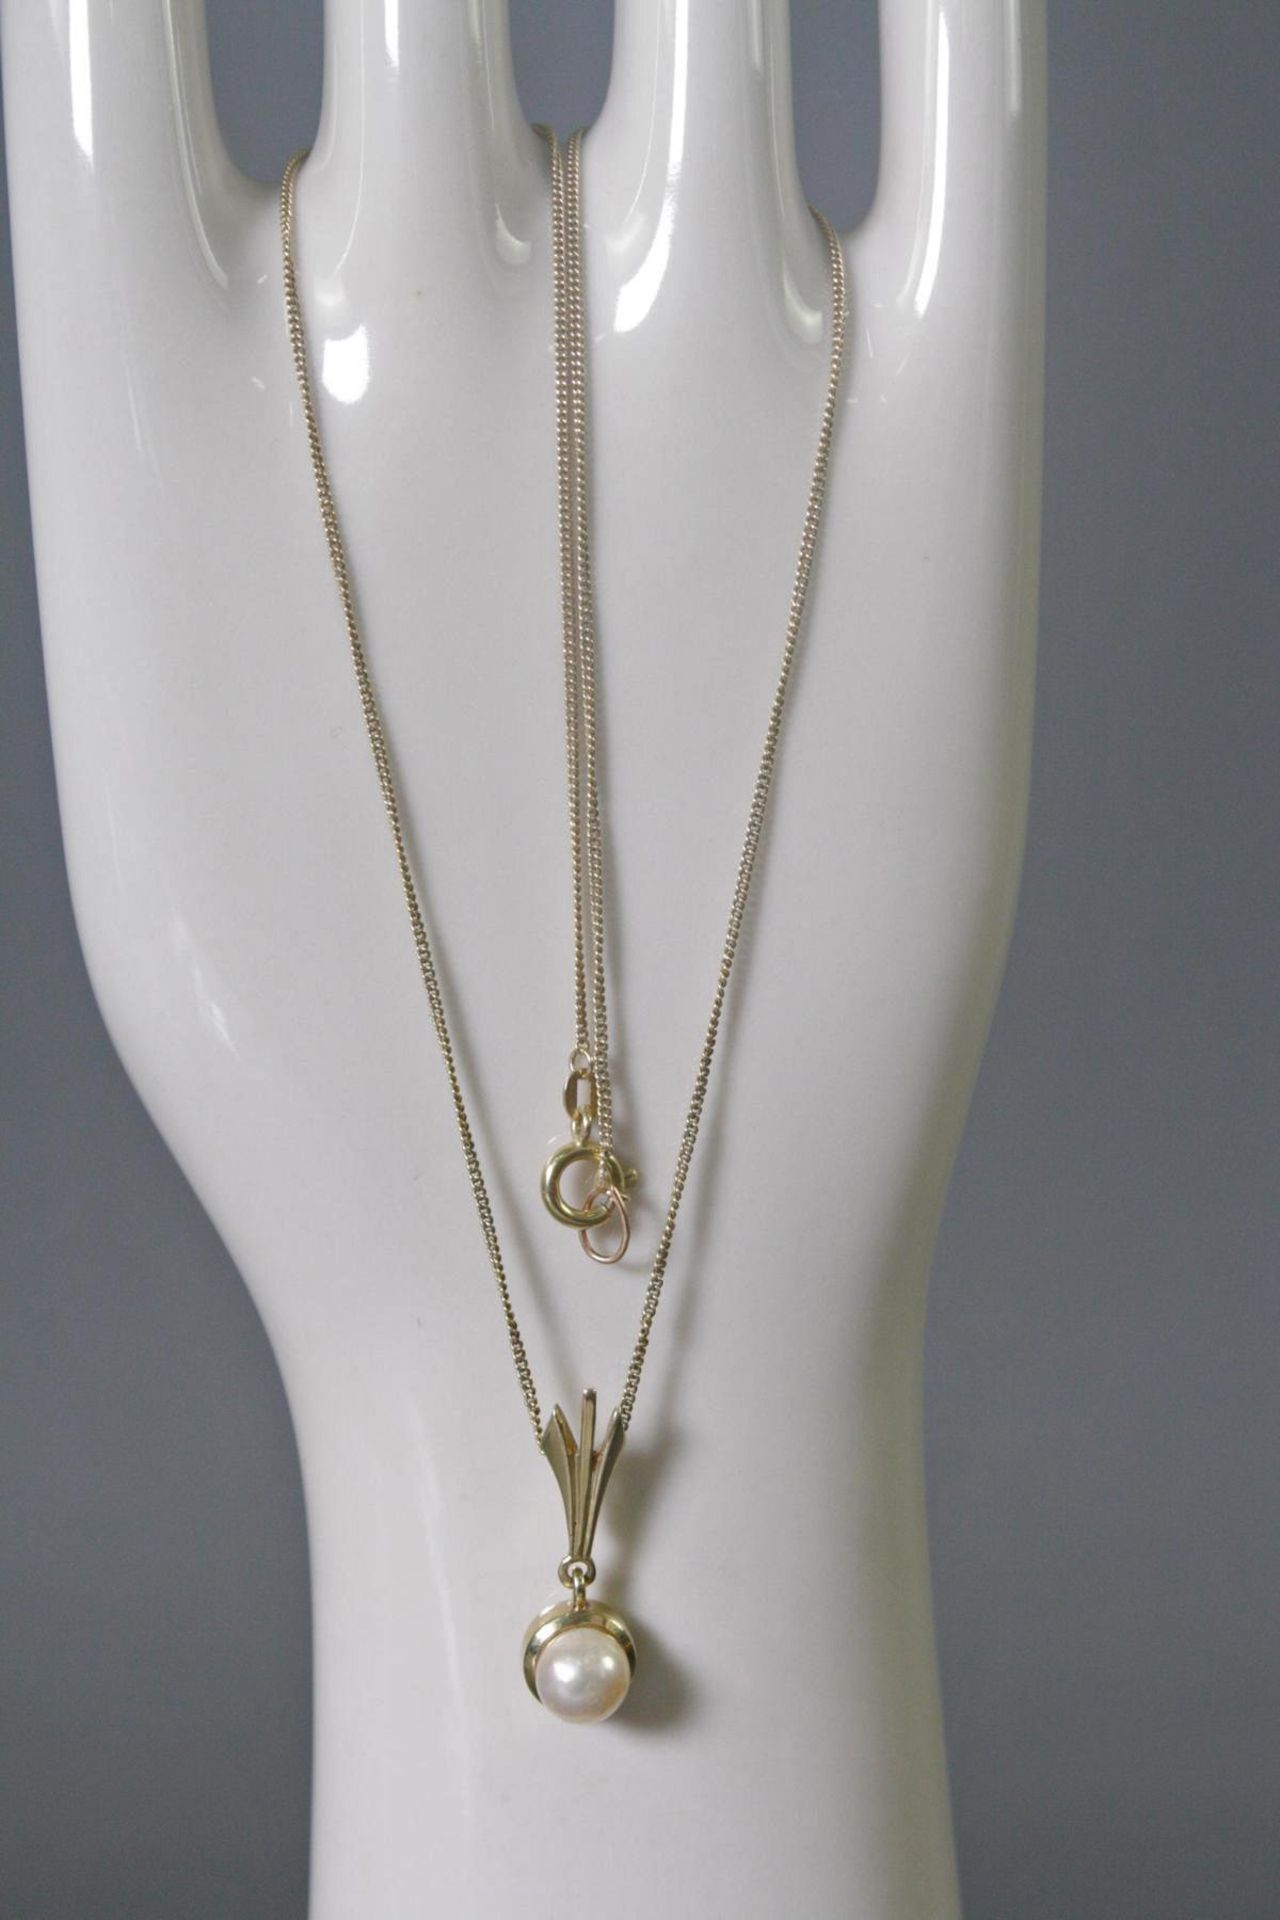 Halskette mit Perlanhänger, 14 Karat Gelbgold